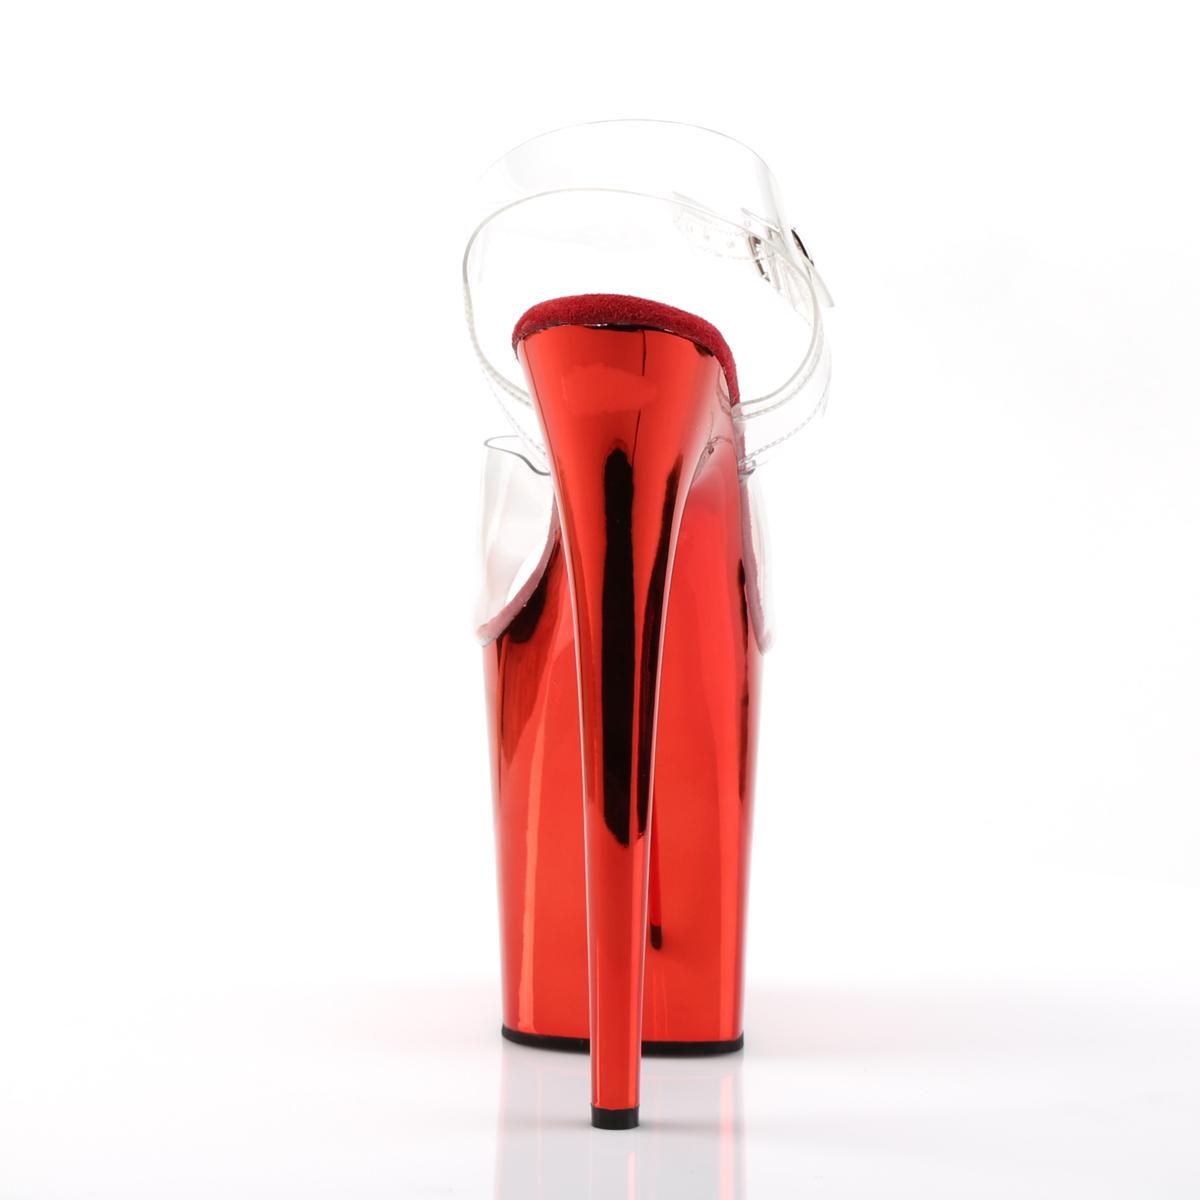 Sandália Flamingo 808 Crome Vermelho NR 10US - Pleaser (pronta entrega)